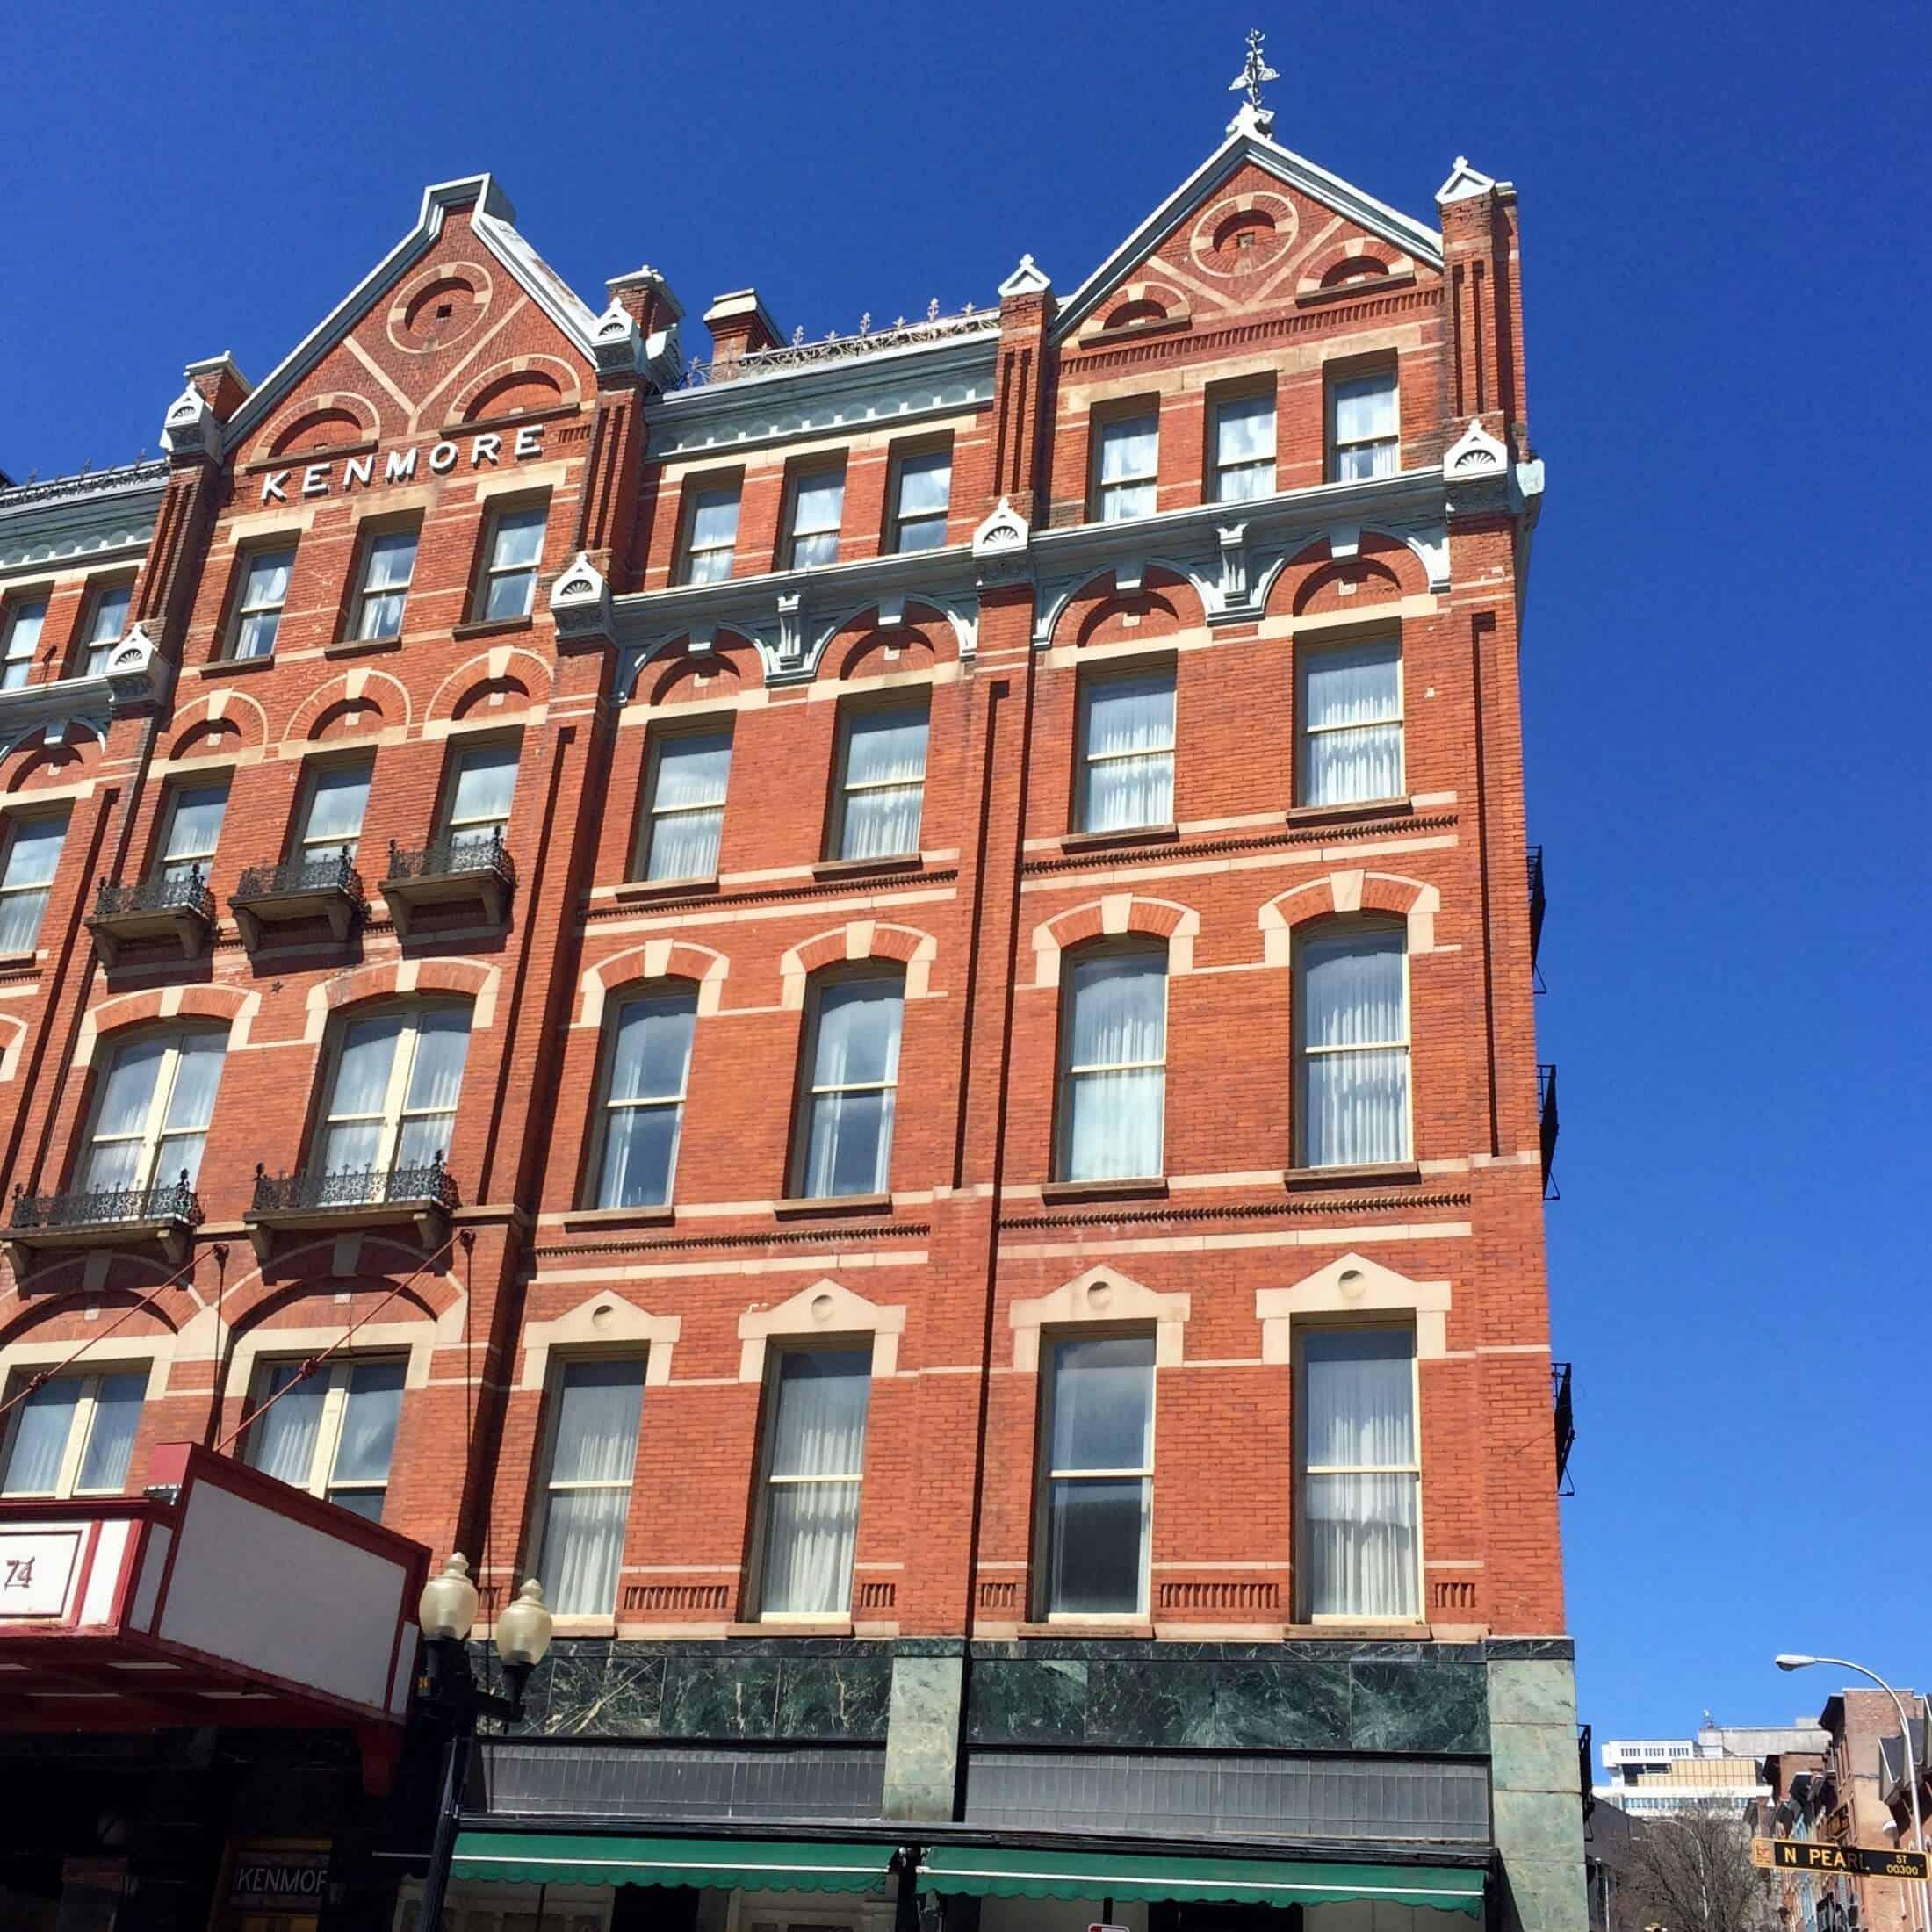 Kenmore Hotel Albany NY